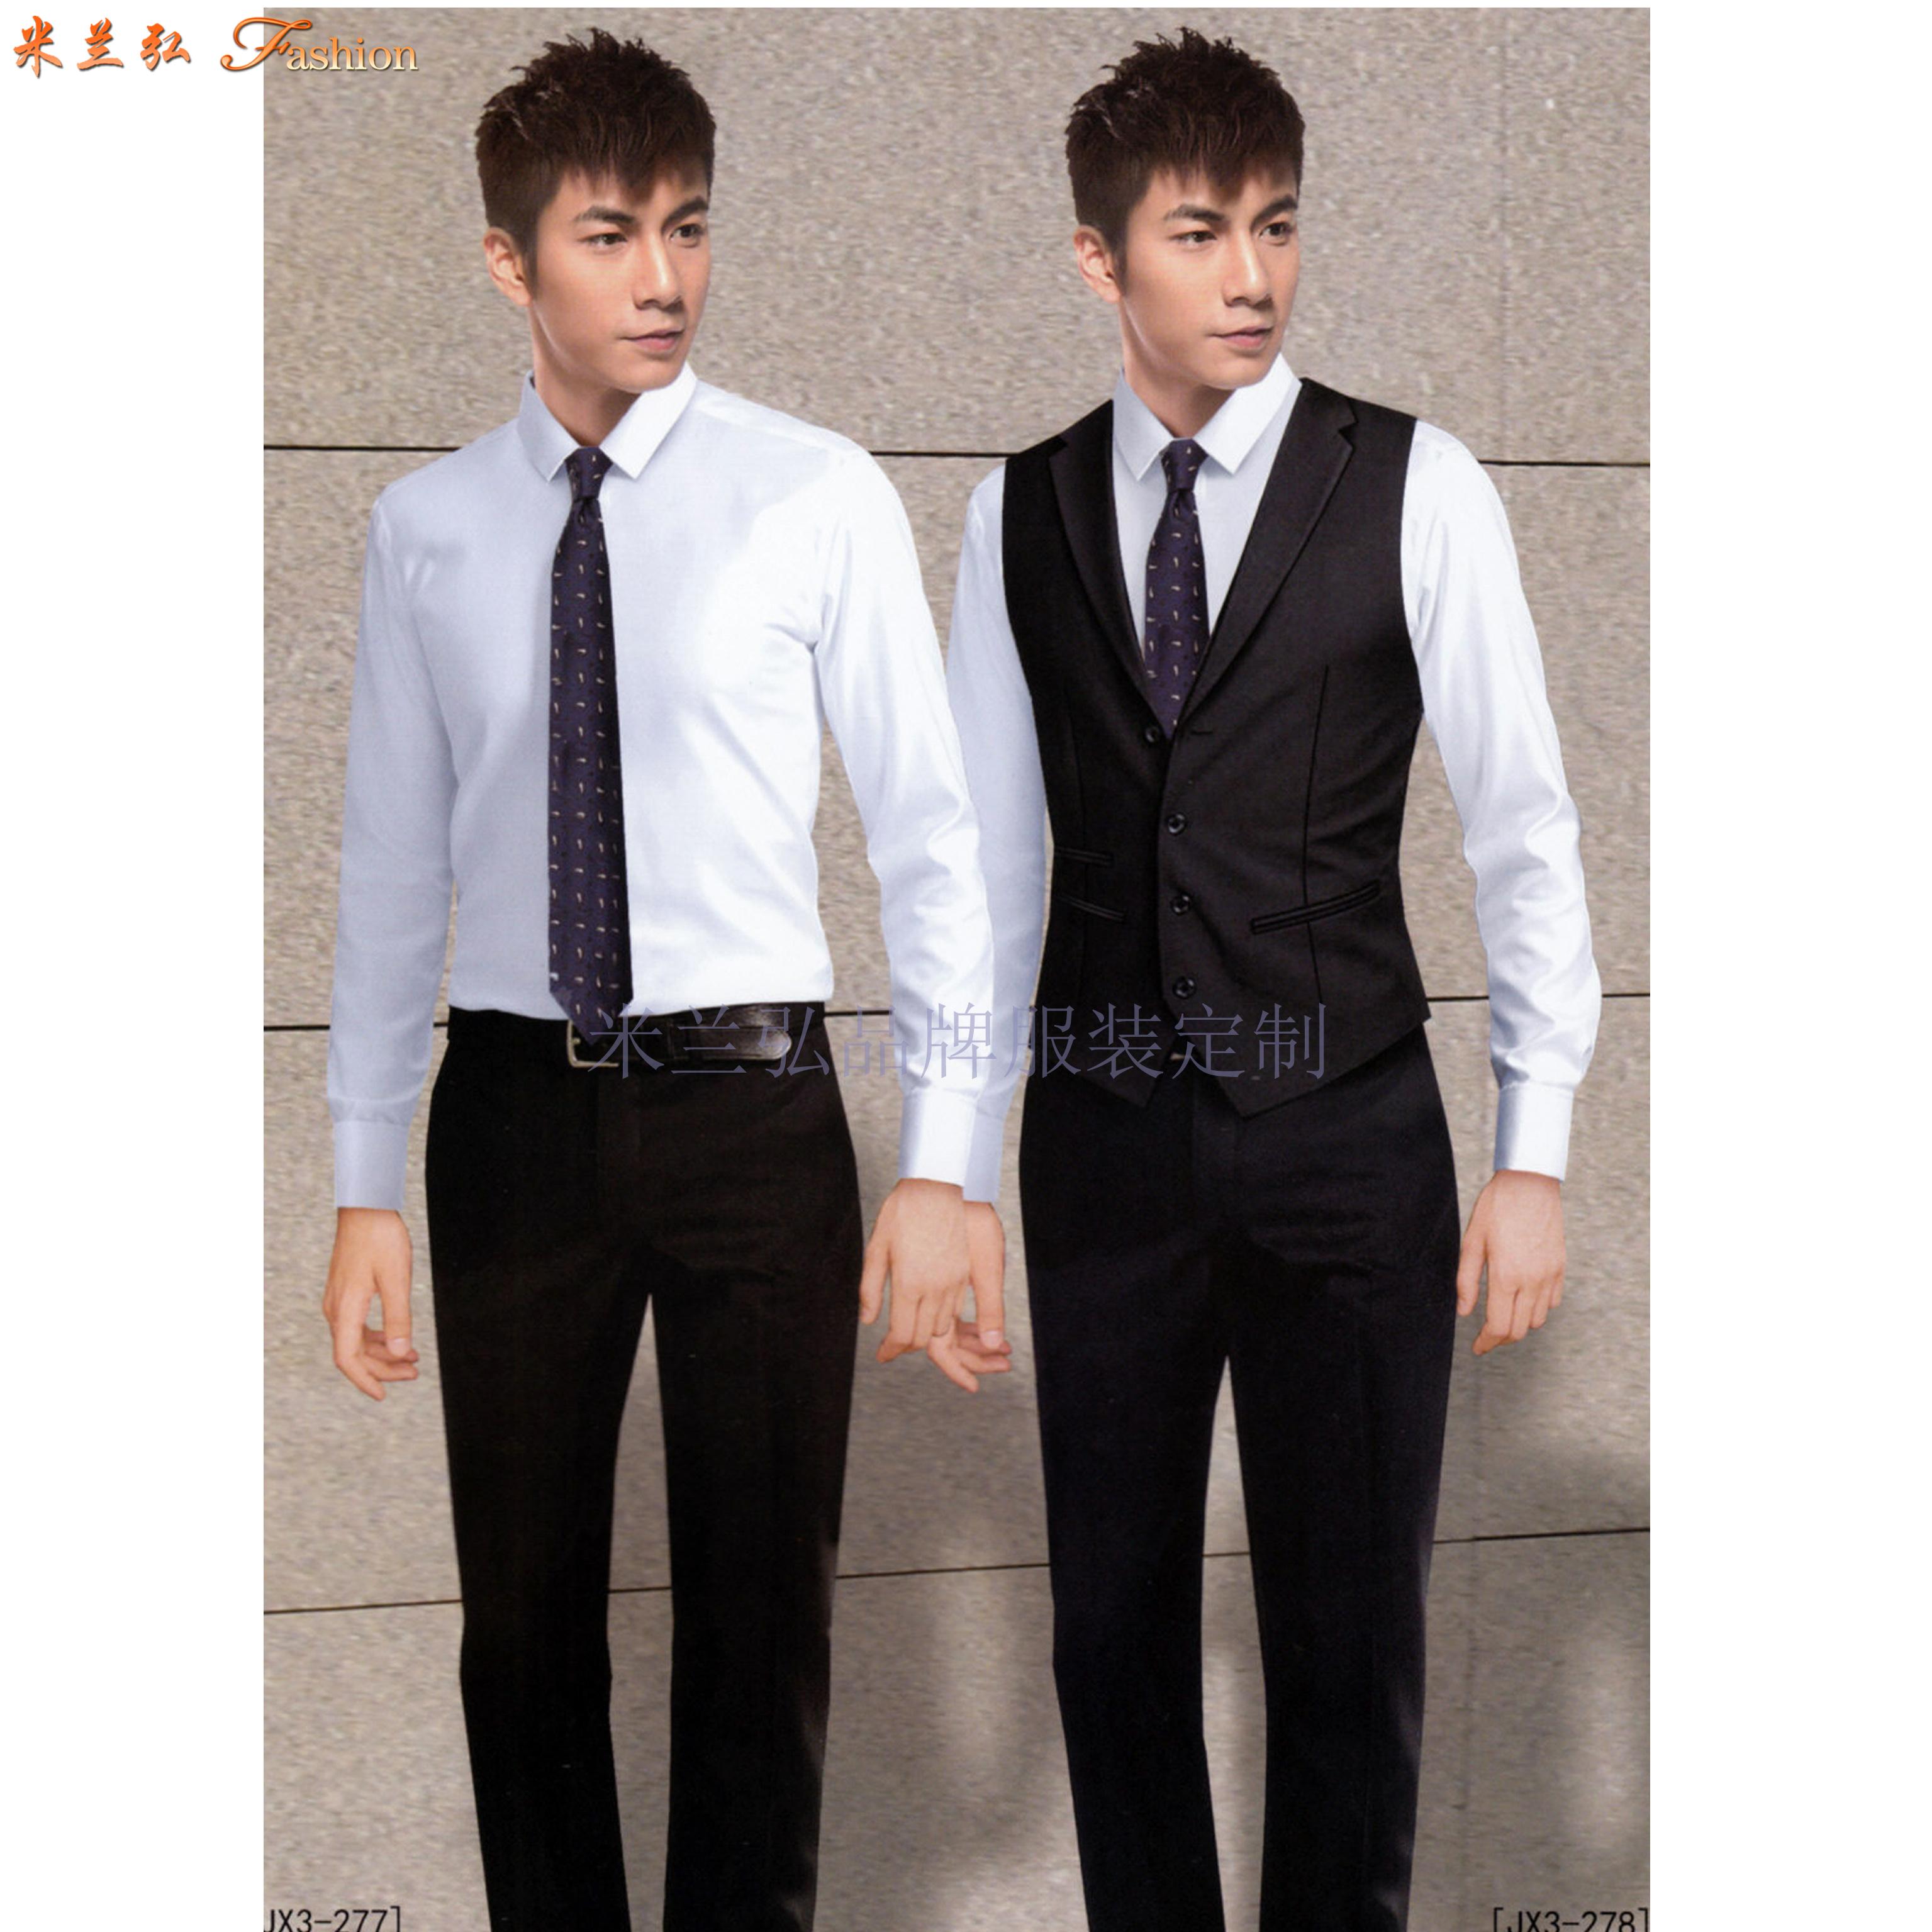 西服定做就選米蘭弘服裝訂制-符合于您氣質的西裝定制品牌-4